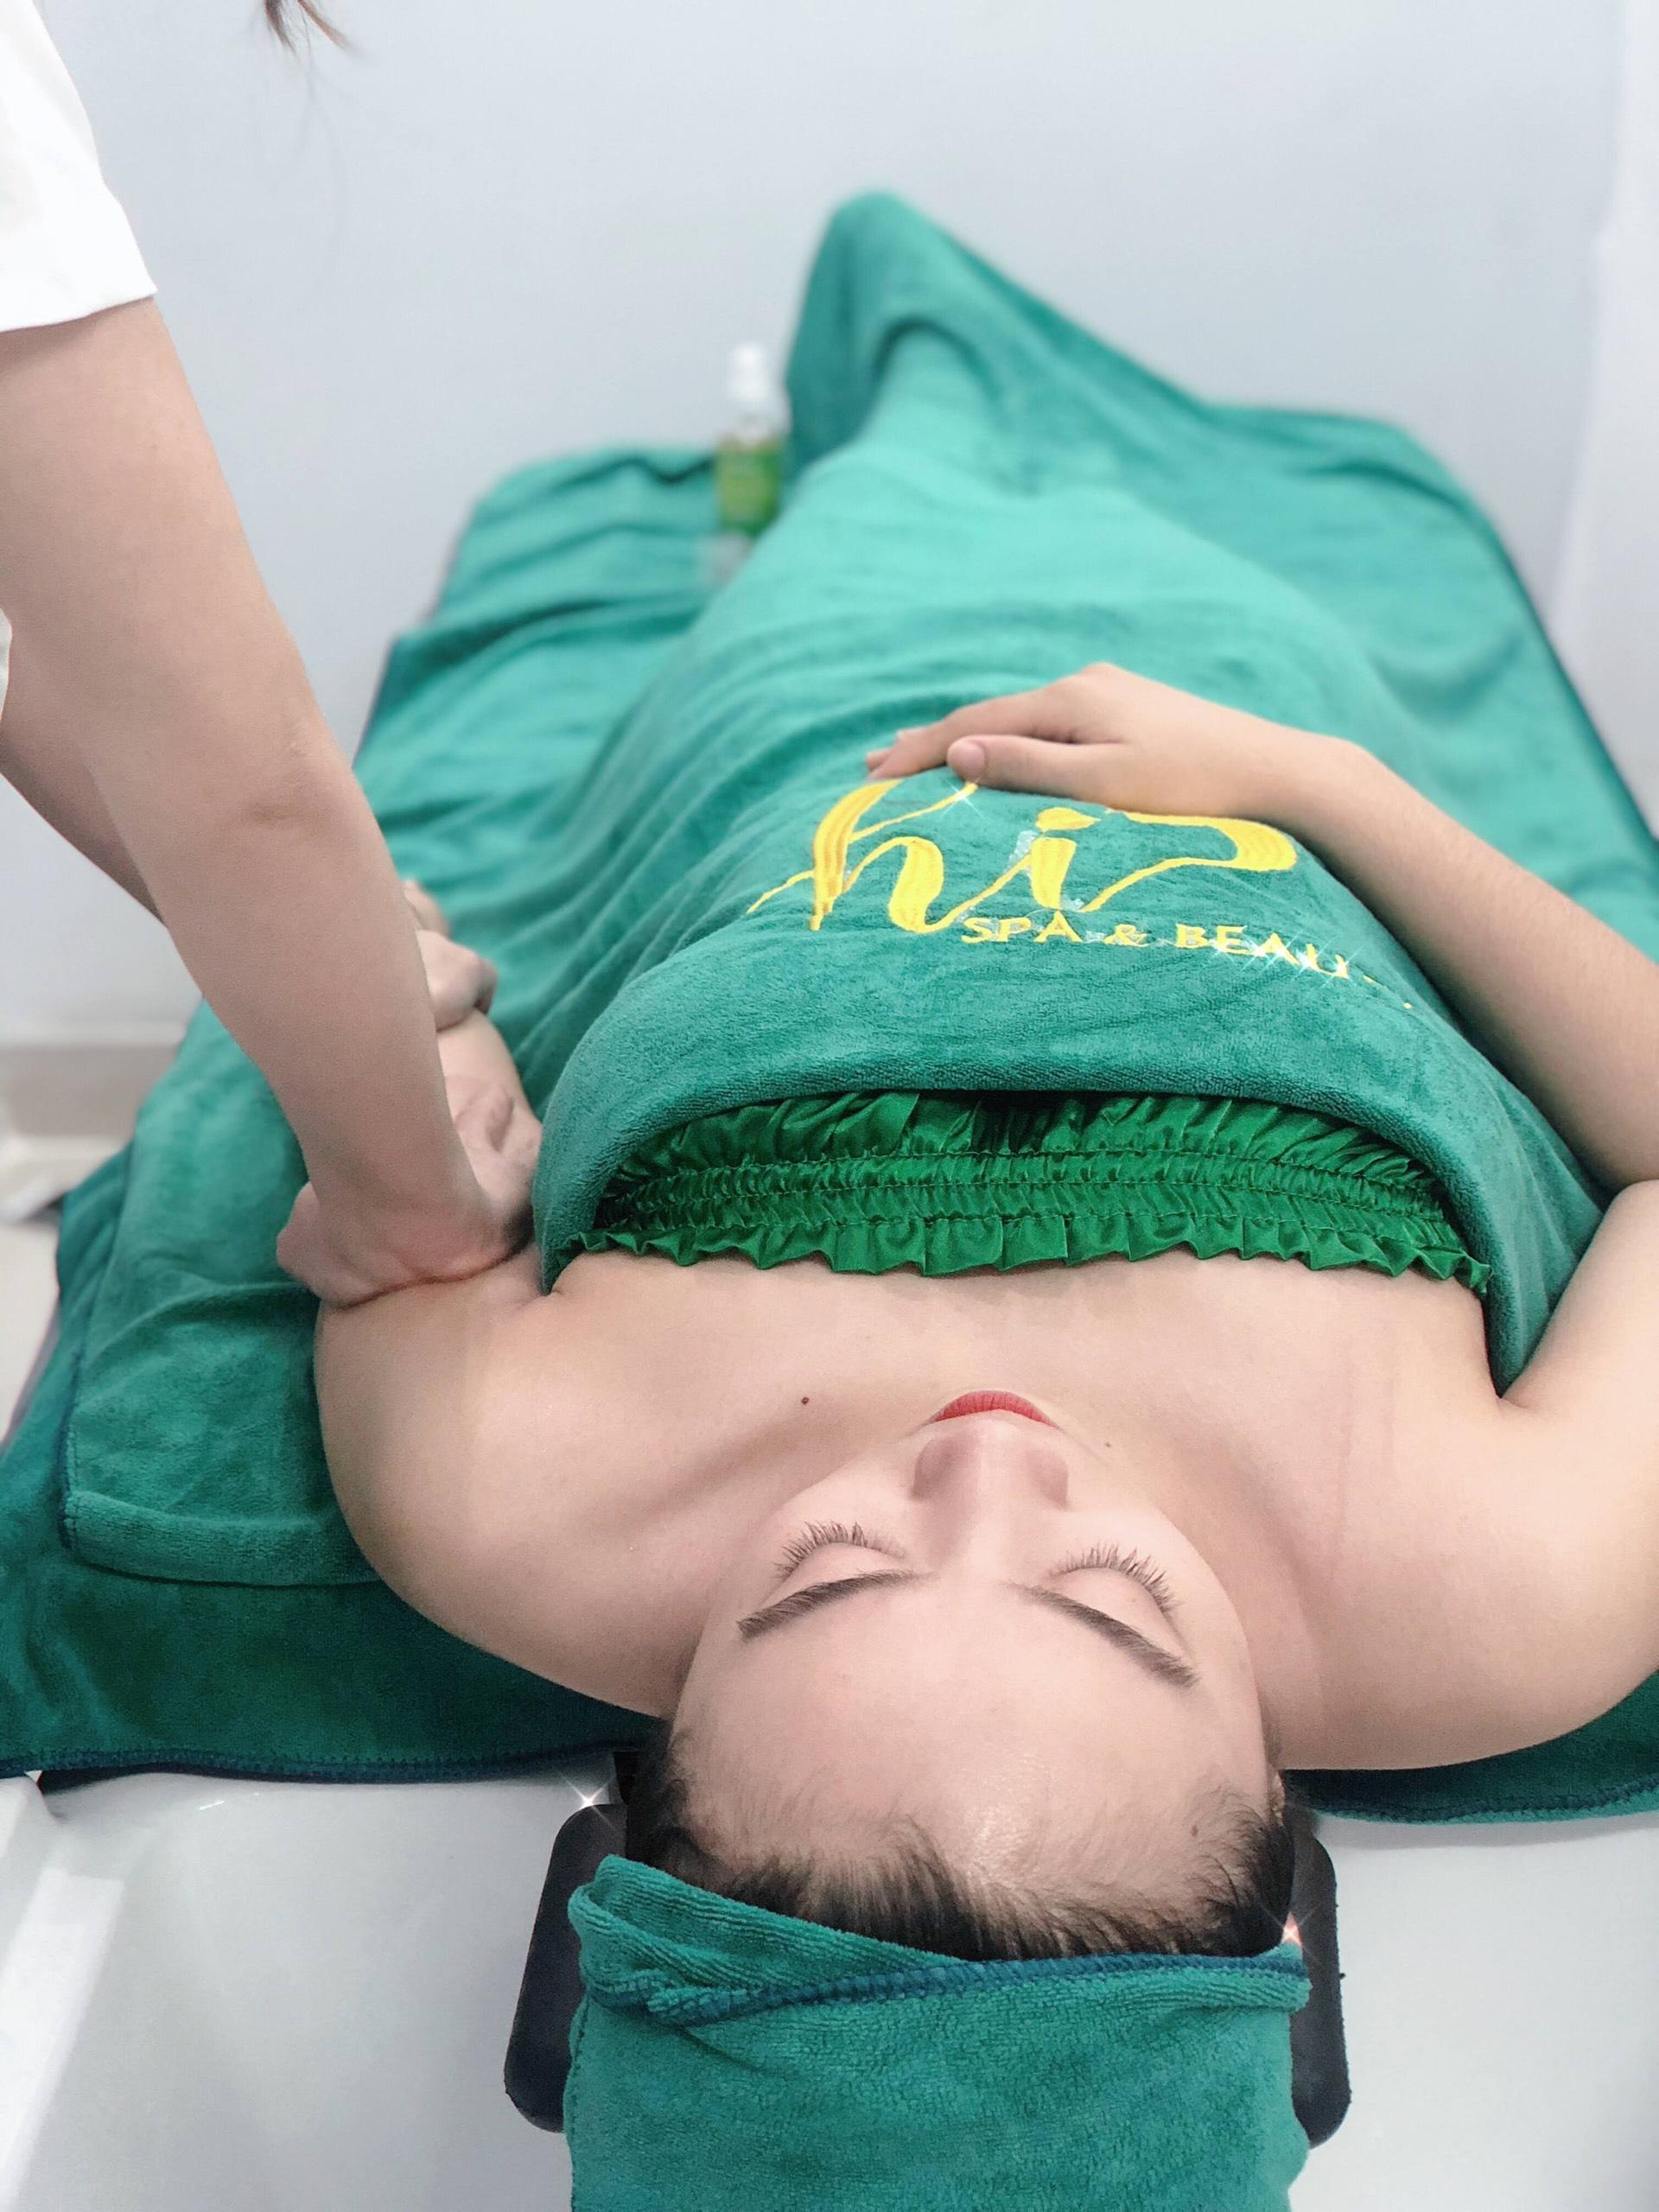 Lợi ích khi massage tay có thể bạn chưa biết